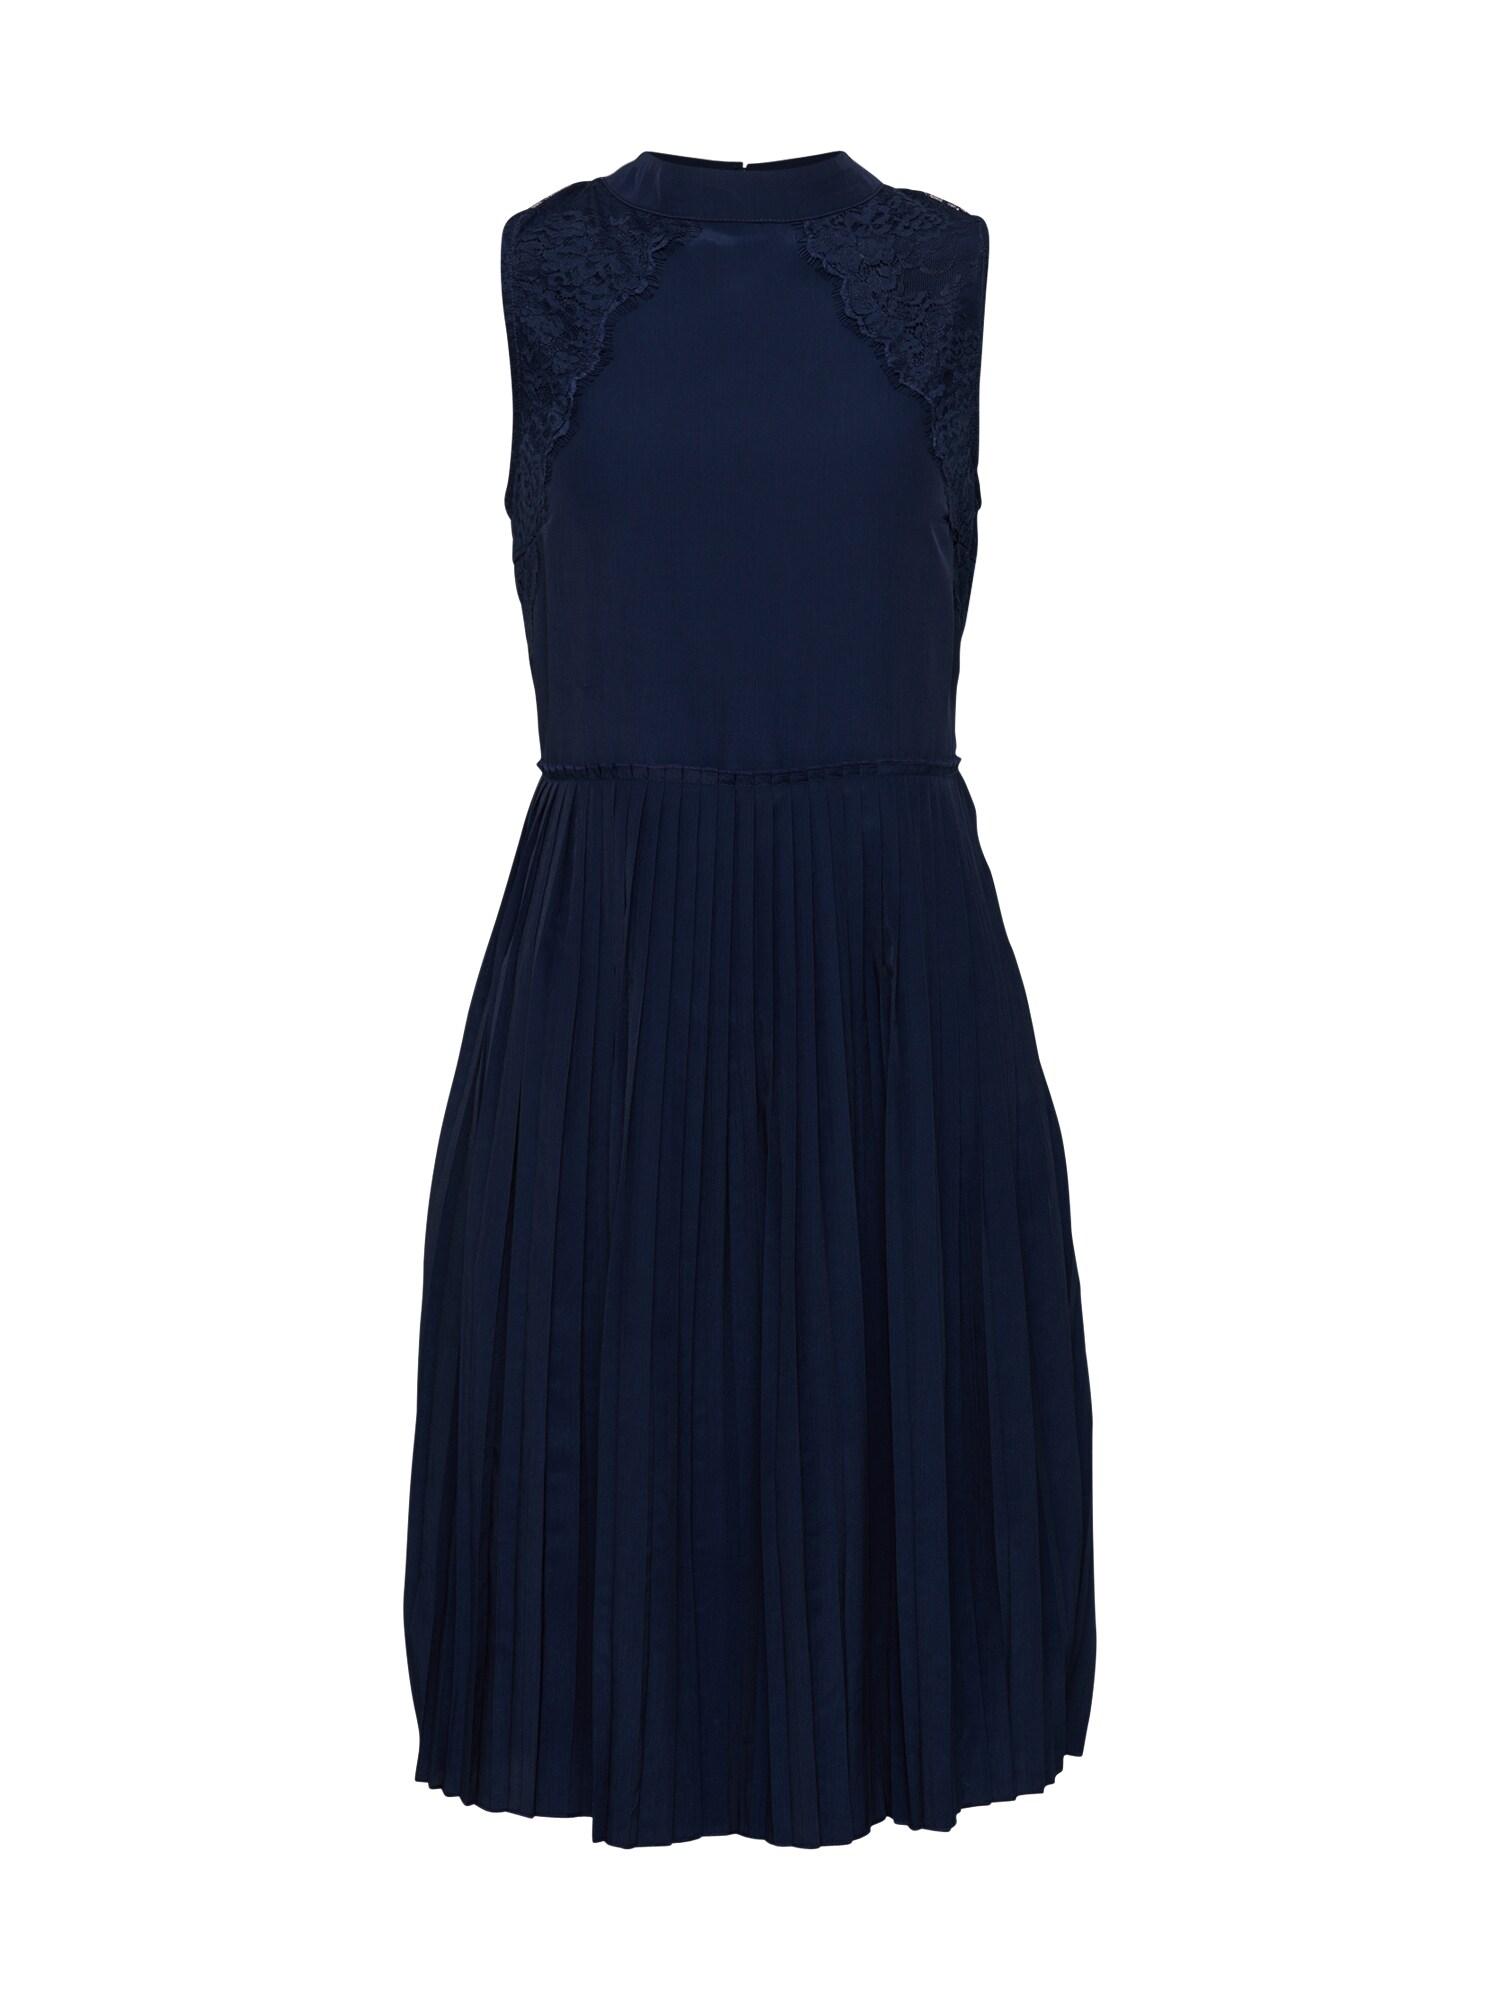 Koktejlové šaty Stine námořnická modř Blend She